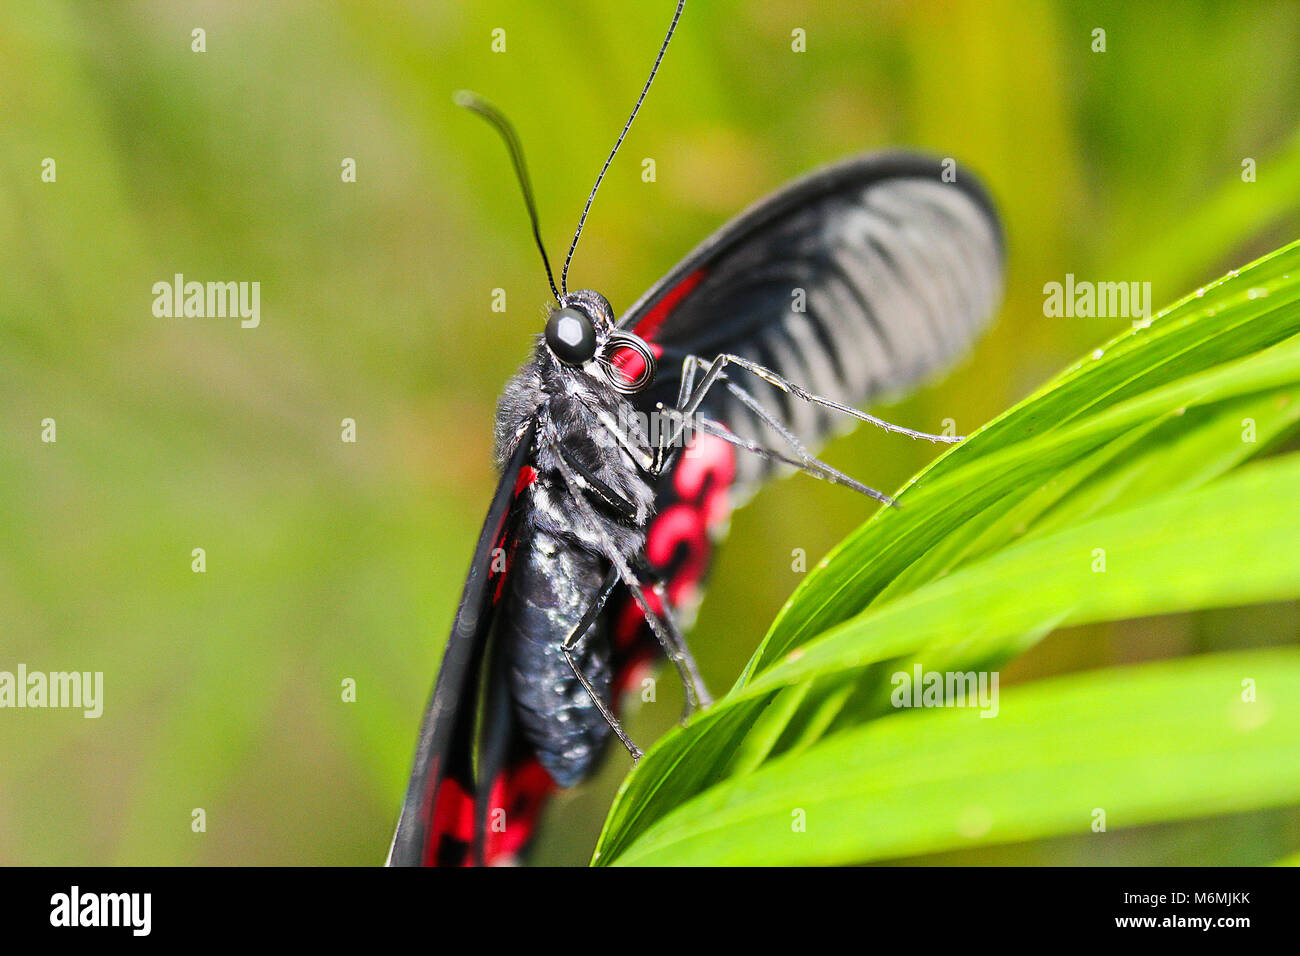 Big Red et black papillon sur feuille verte, Pachliopta kotzebuea Banque D'Images